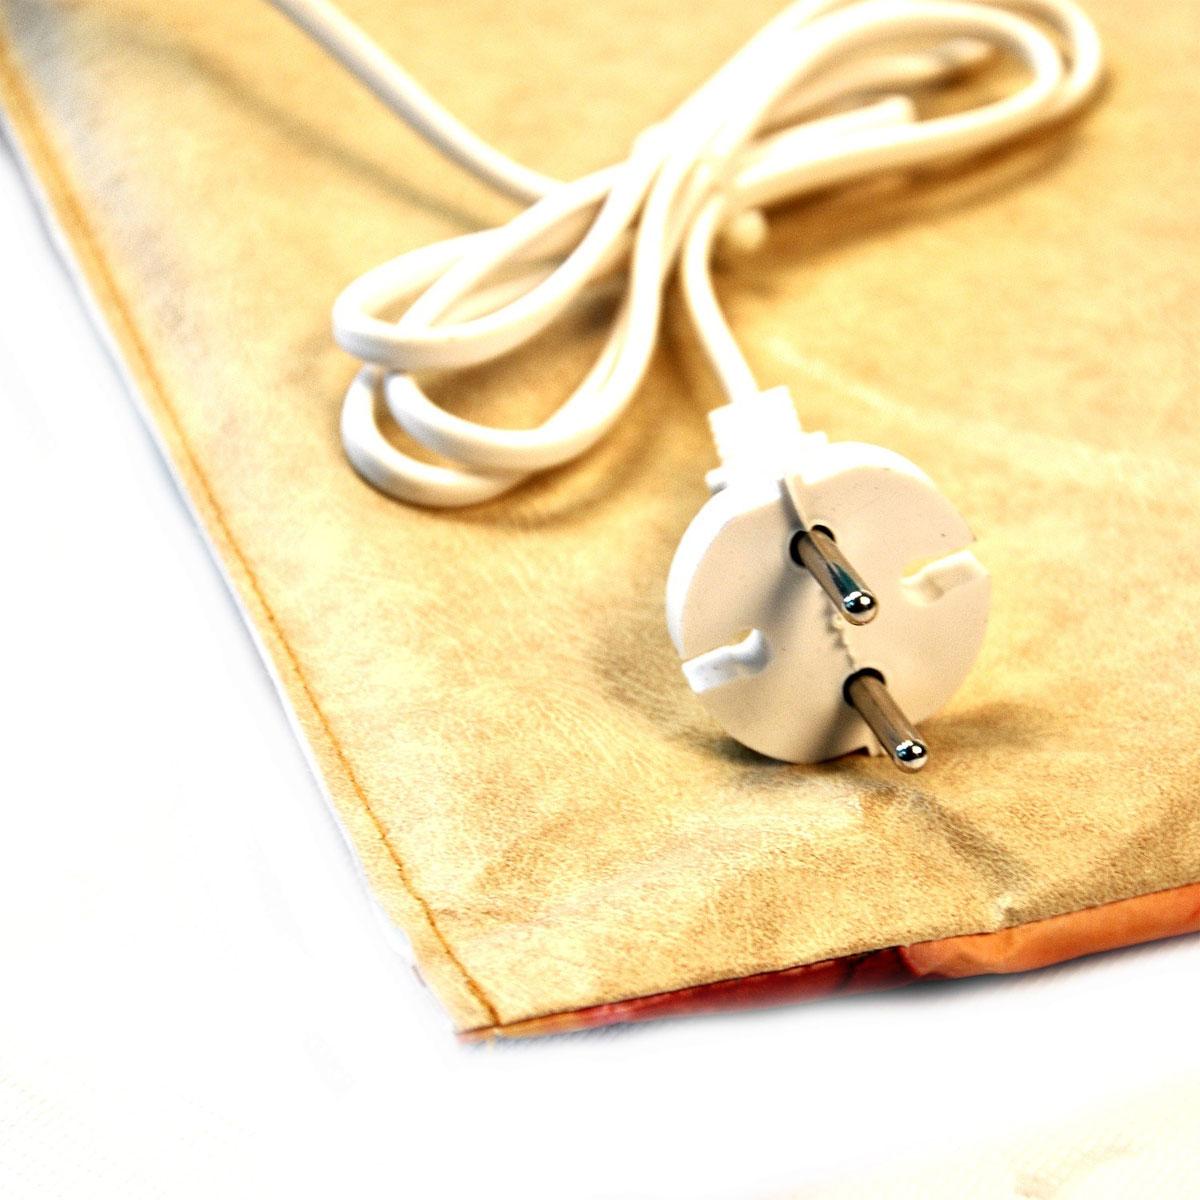 Сушилка для овощей и фруктов Самобранка 50 50 (коврик с ИК-излучением) для овощей и фруктов без терморегулятора